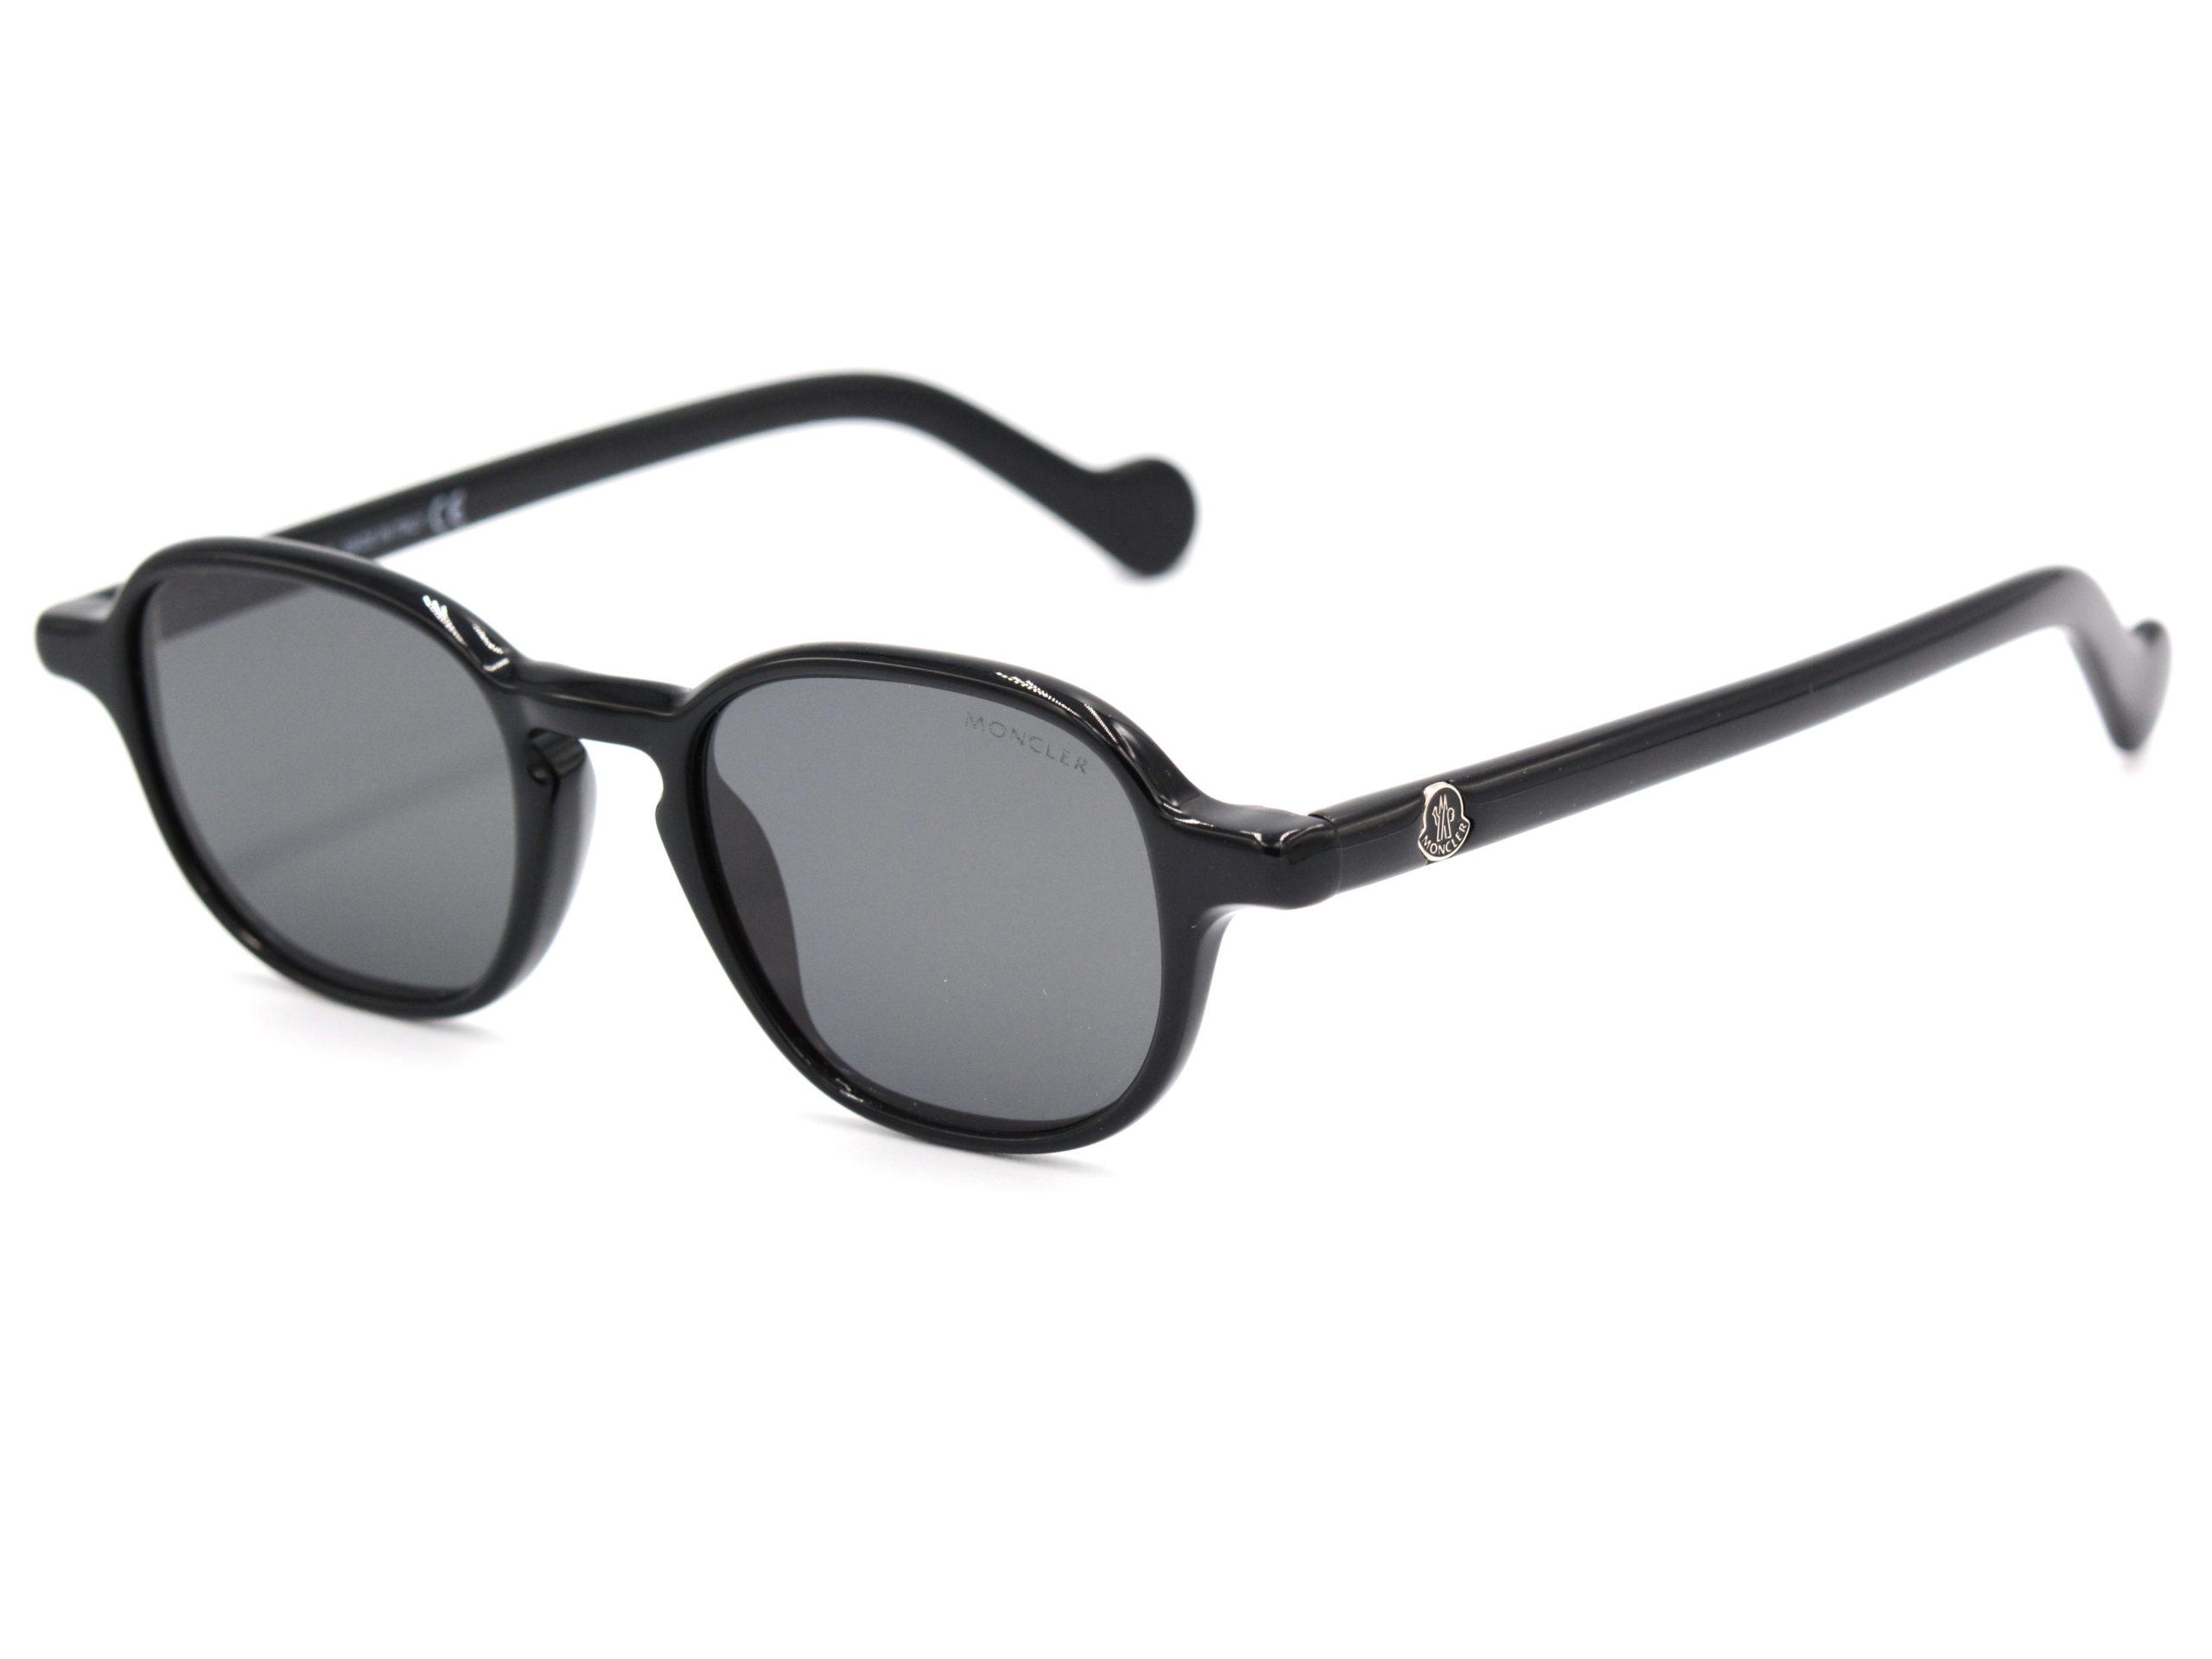 Sunglasses MONCLER ML0061 01A 48-19-150 Unisex 2020